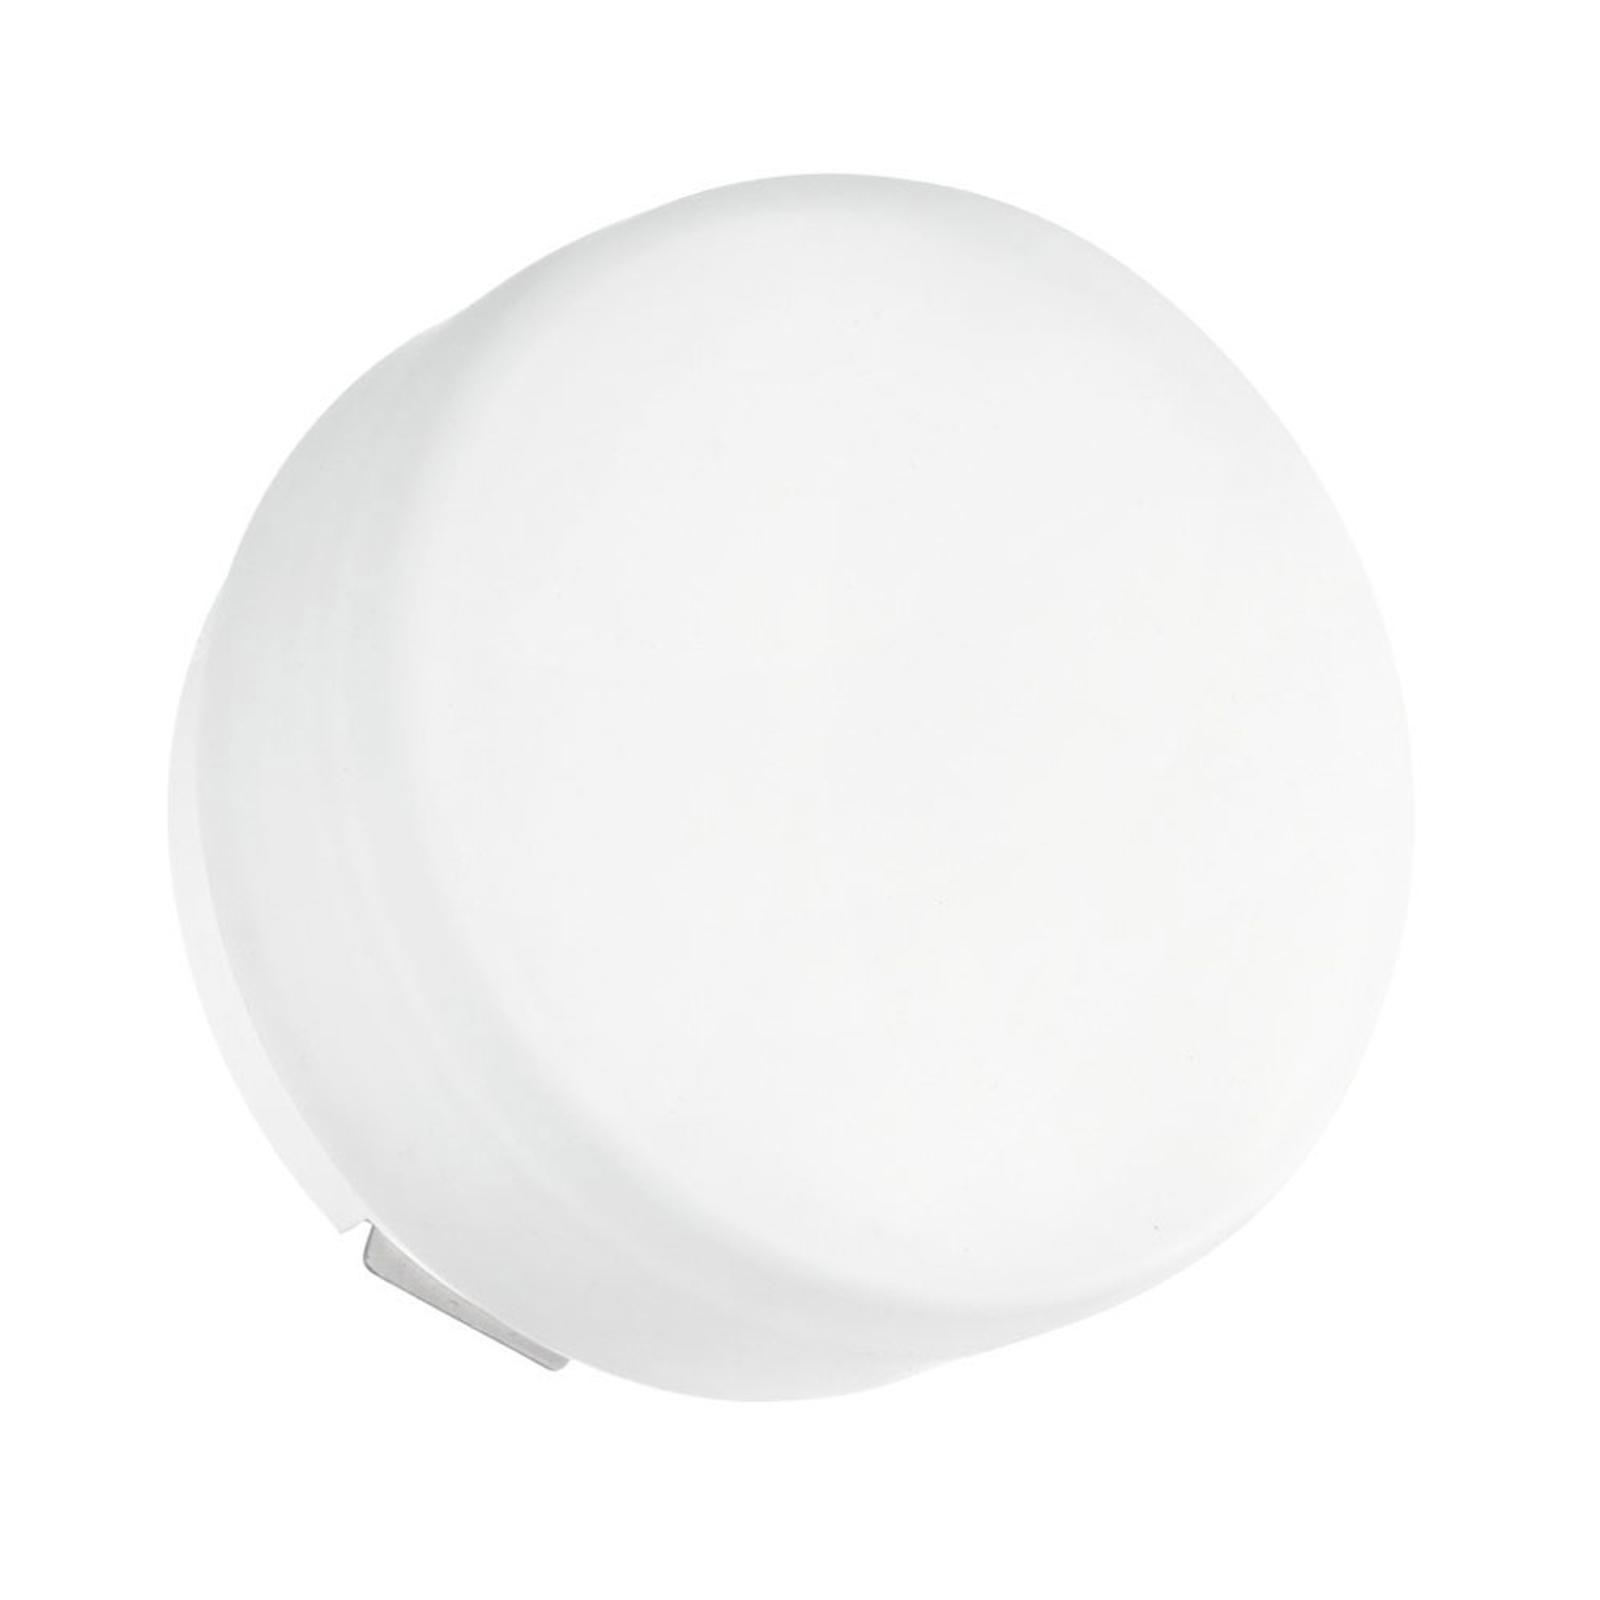 Vägglampa Chobin65, IP65